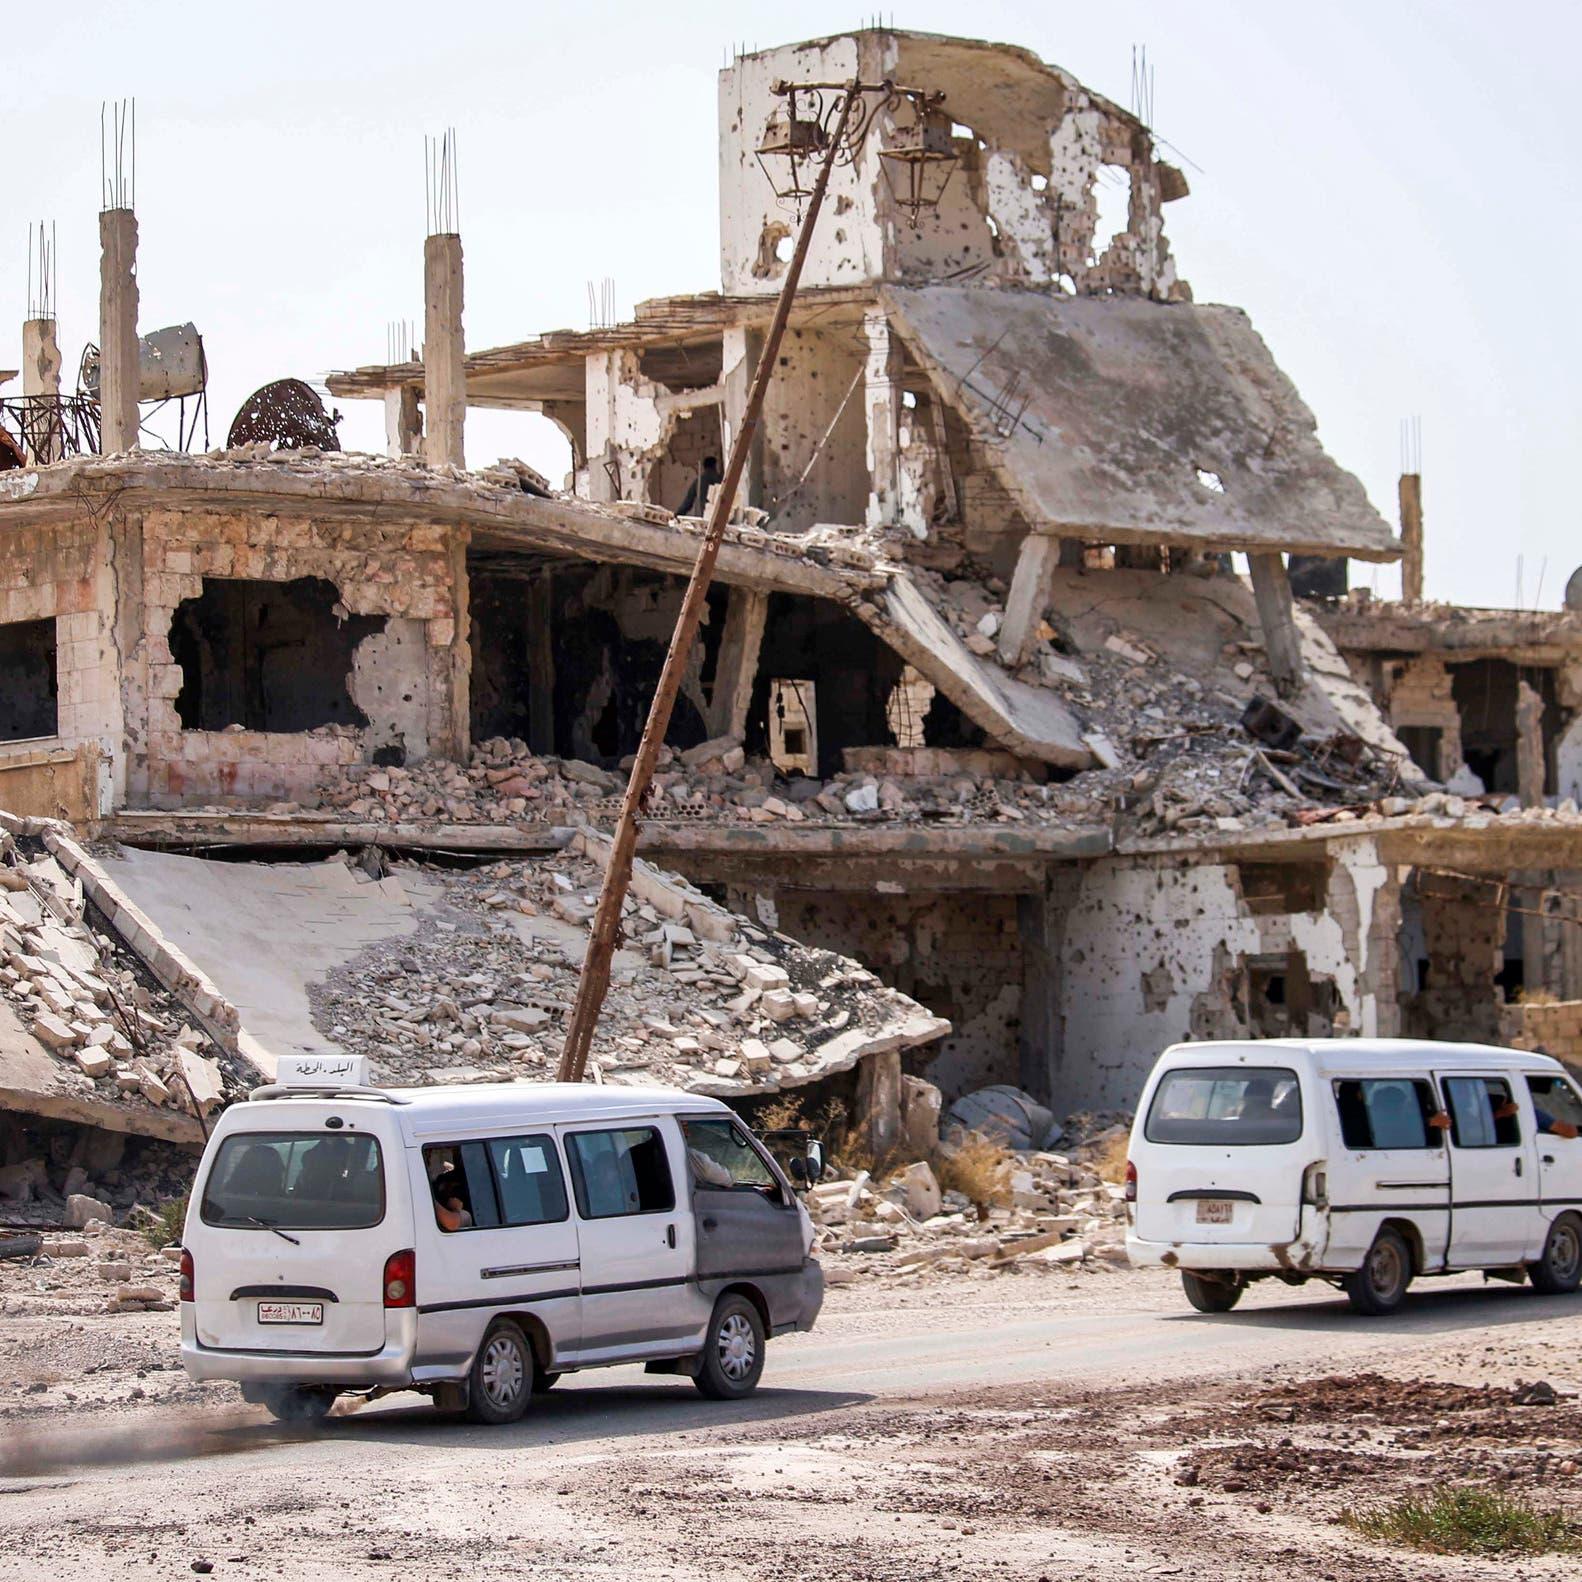 من هم المقاتلون الذين يصر النظام على ترحيلهم من درعا؟